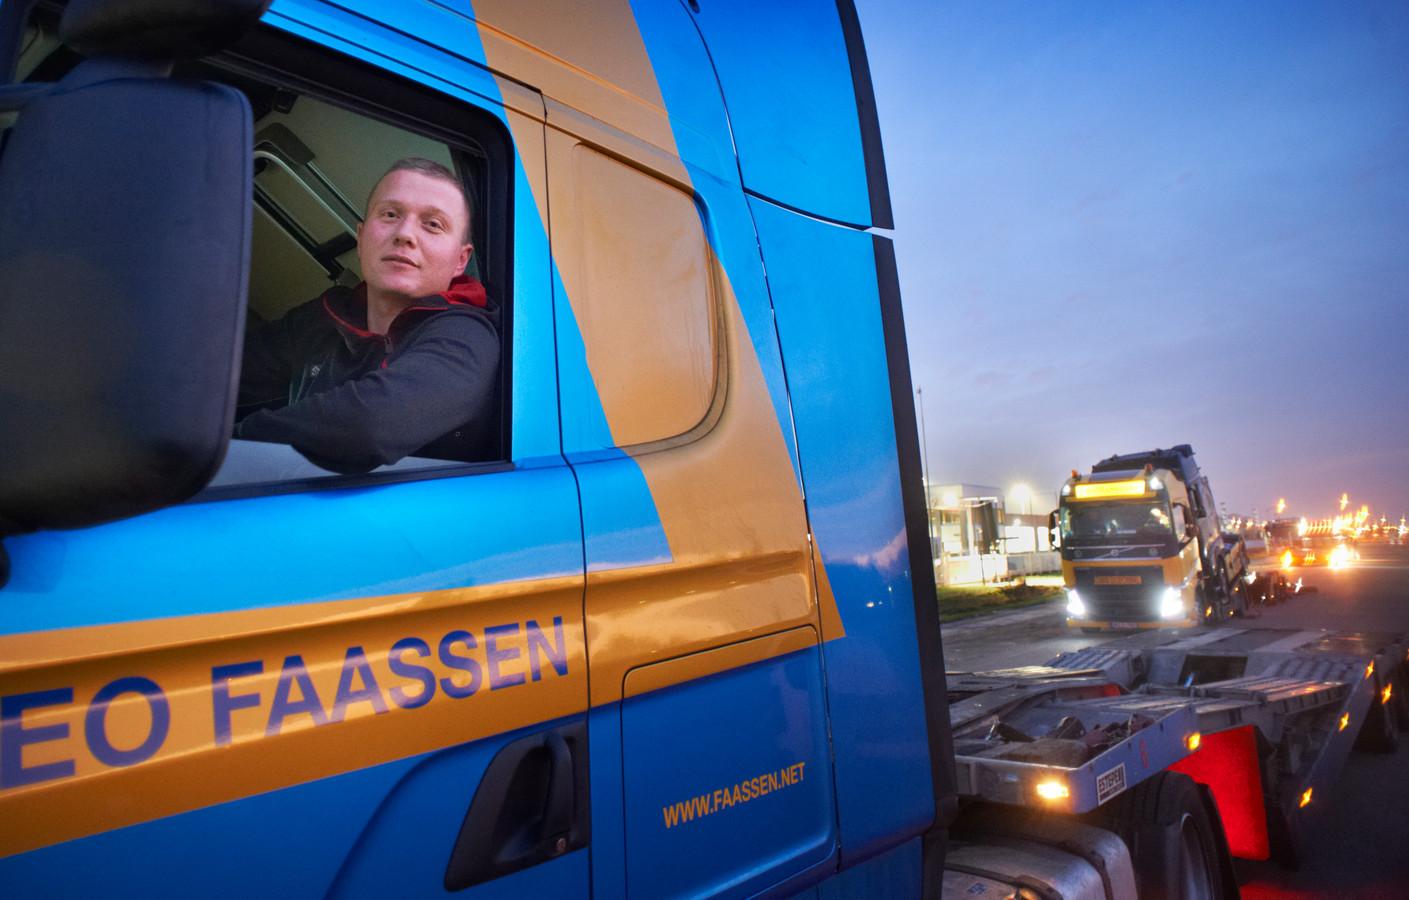 Onder meer bij BAS Trucks in Veghel staan nu vaak trucks langs de weg geparkeerd.